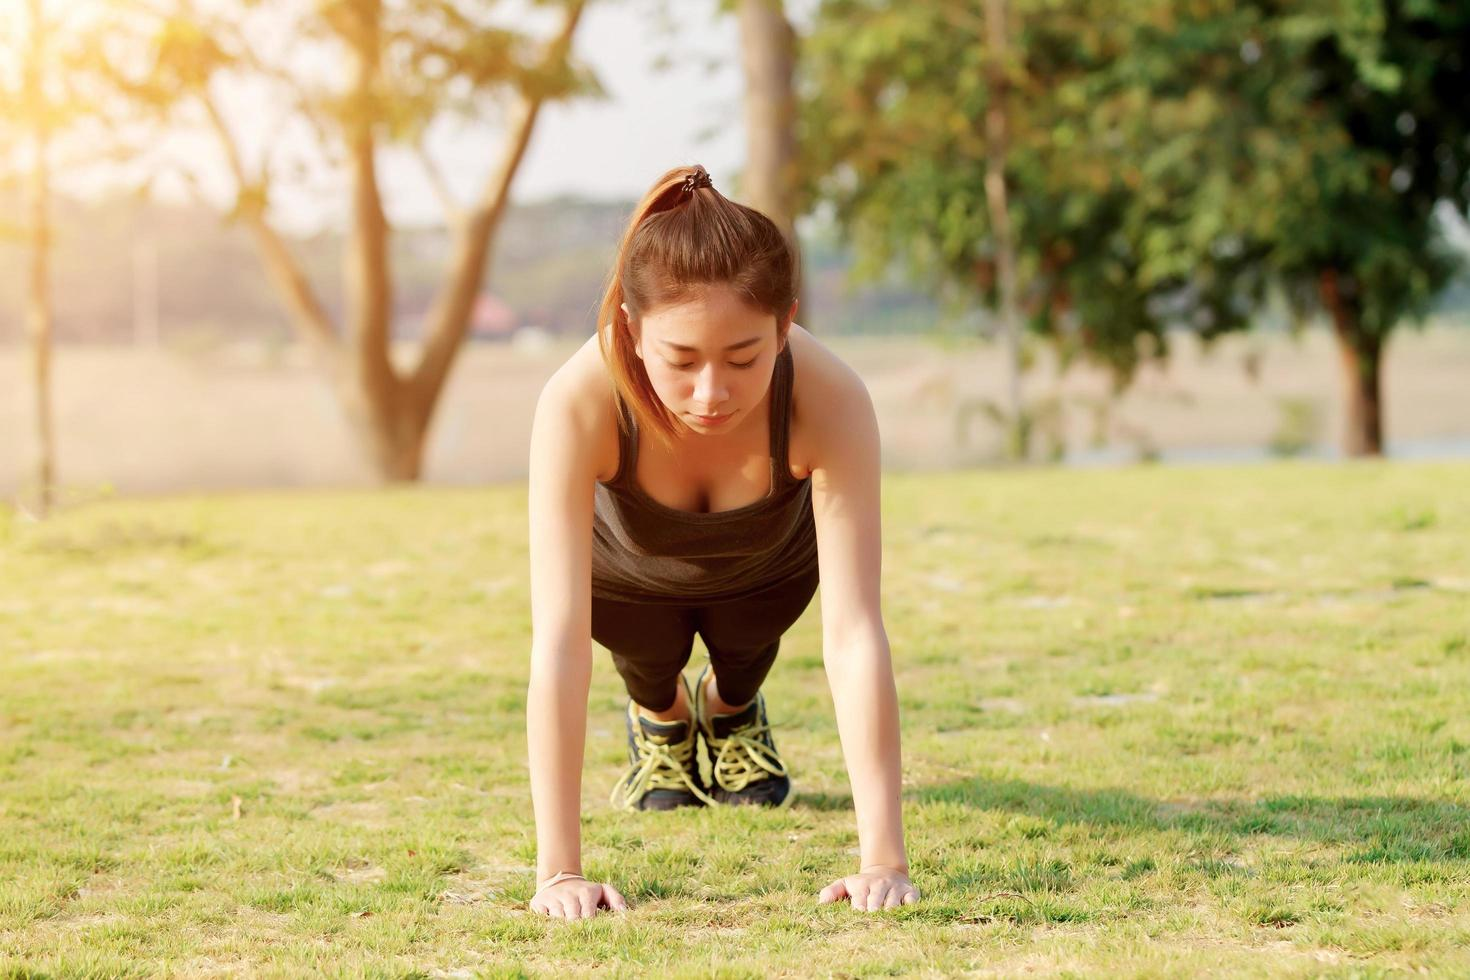 donna atletica in fase di riscaldamento in posizione della plancia foto